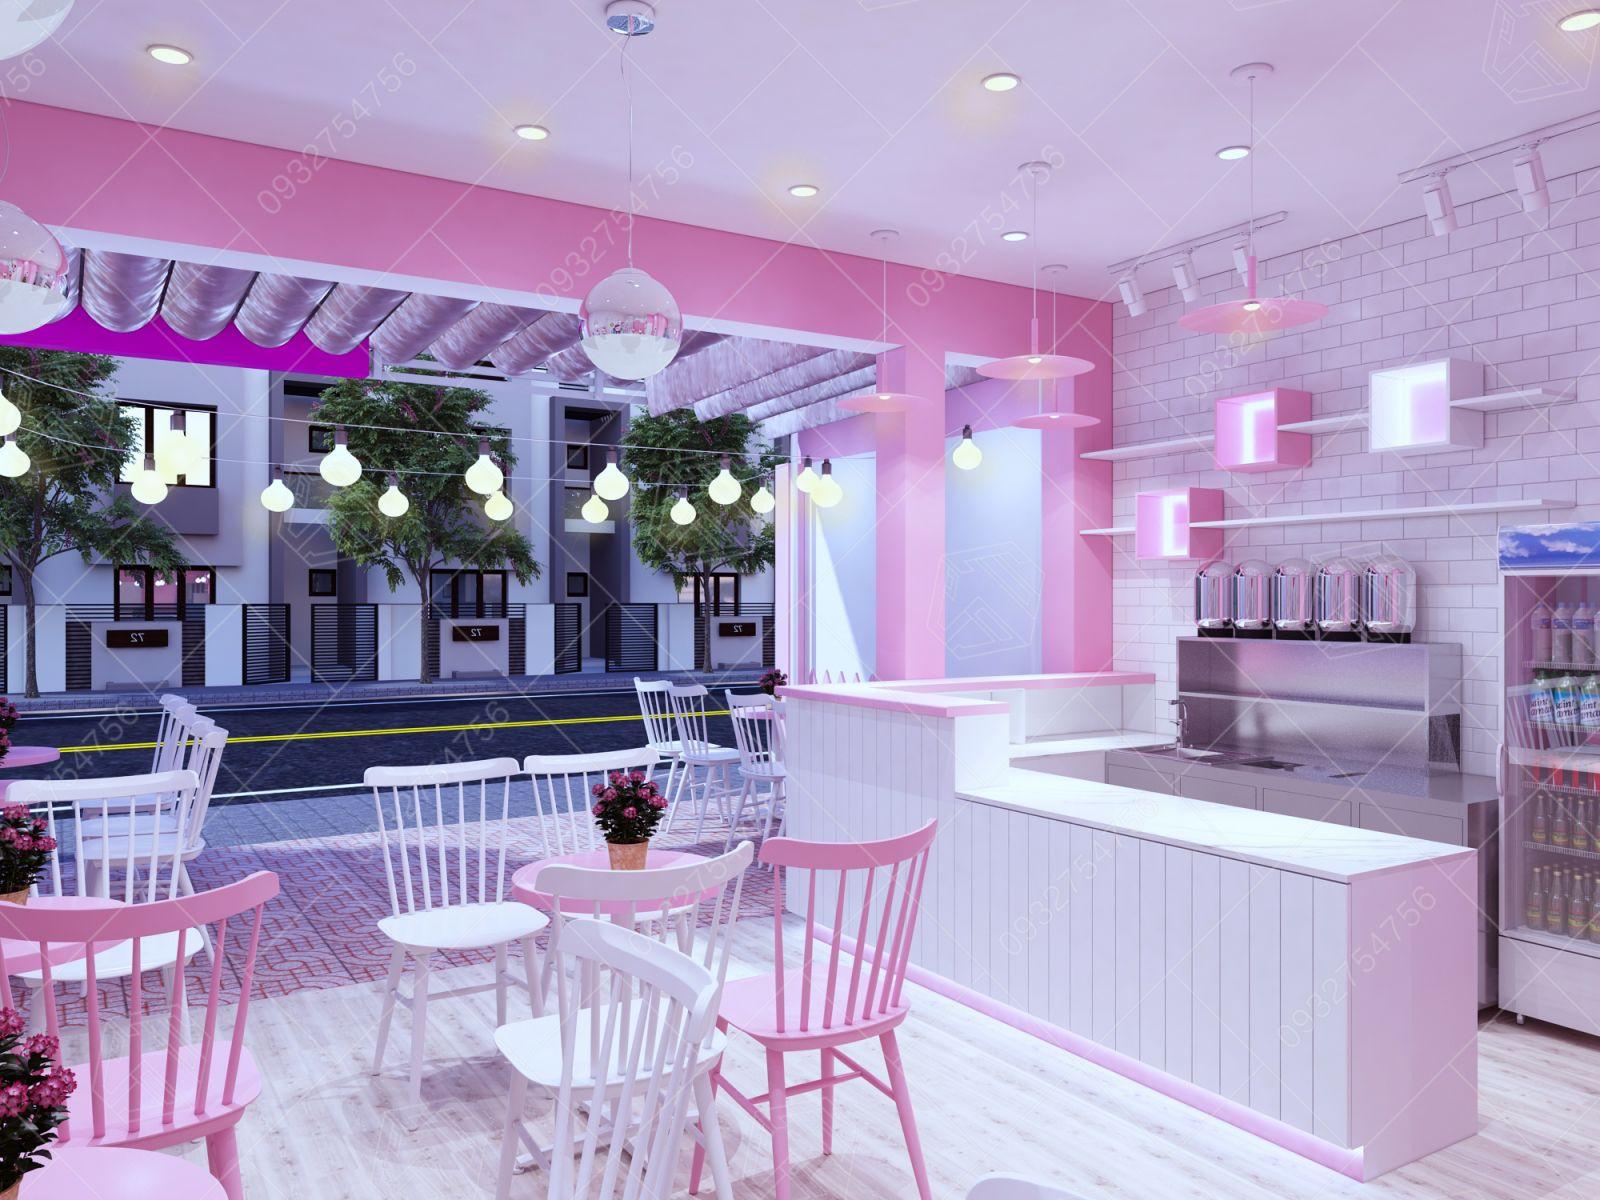 Thiết kế quán trà sữa tại Phước Long Bình Phước